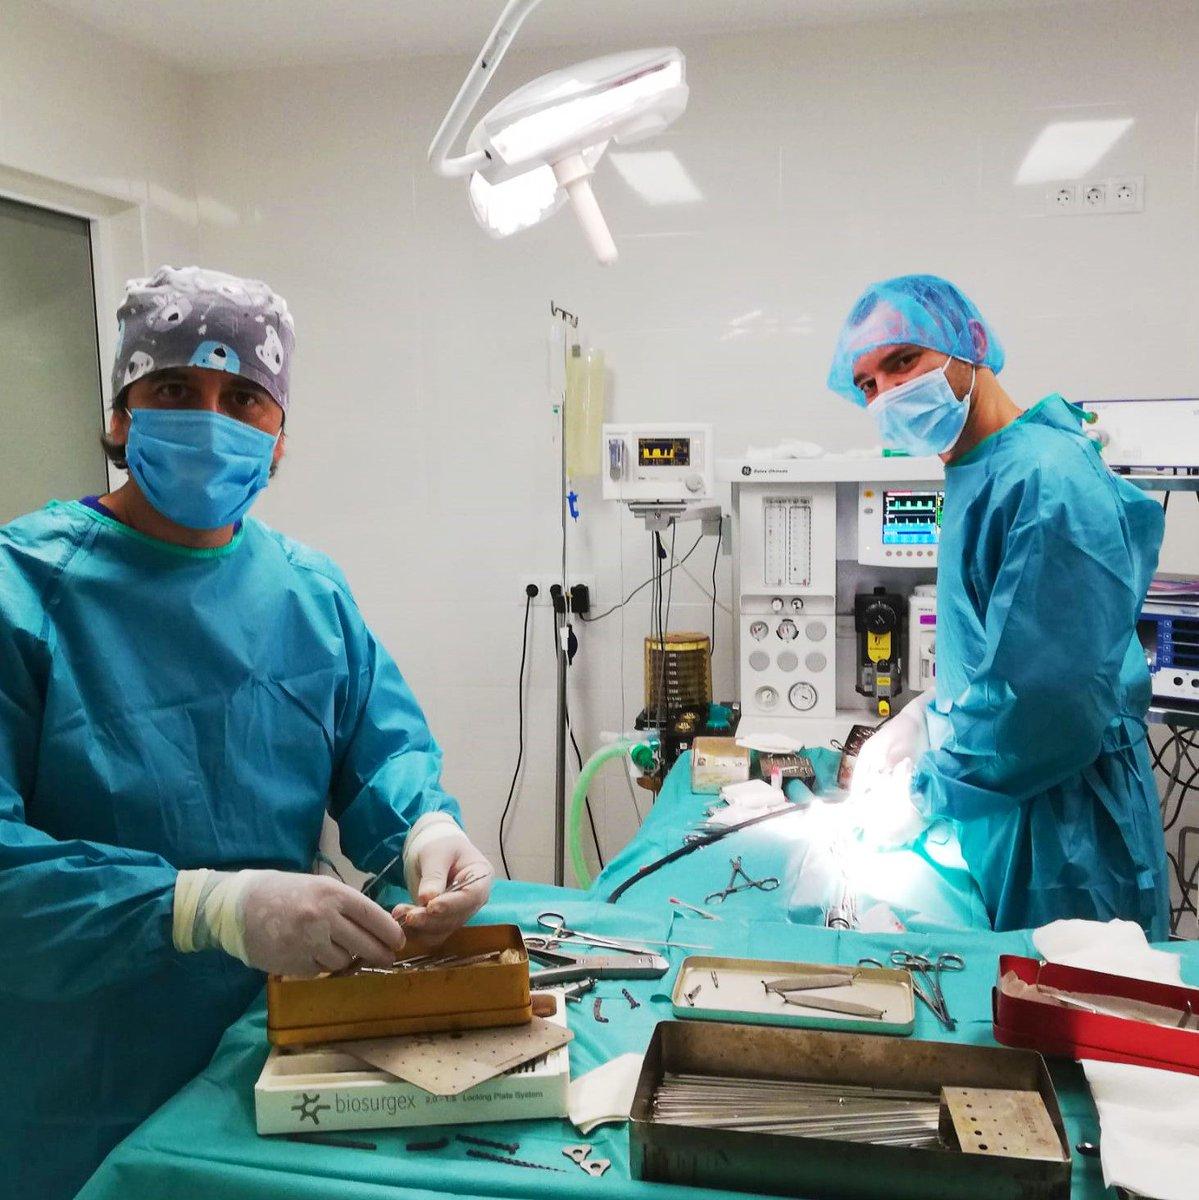 Son más de las 9 de la noche y Dalmiro y Marcos siguen en #quirófano. No importa el día. No importa la hora. Lo que importa es tu #mascota. Y ahí está nuestro equipo de cirujanos preparados para intervenir en el momento preciso. Siempre dando lo mejor de ellos mismos. https://t.co/prRZVccsii